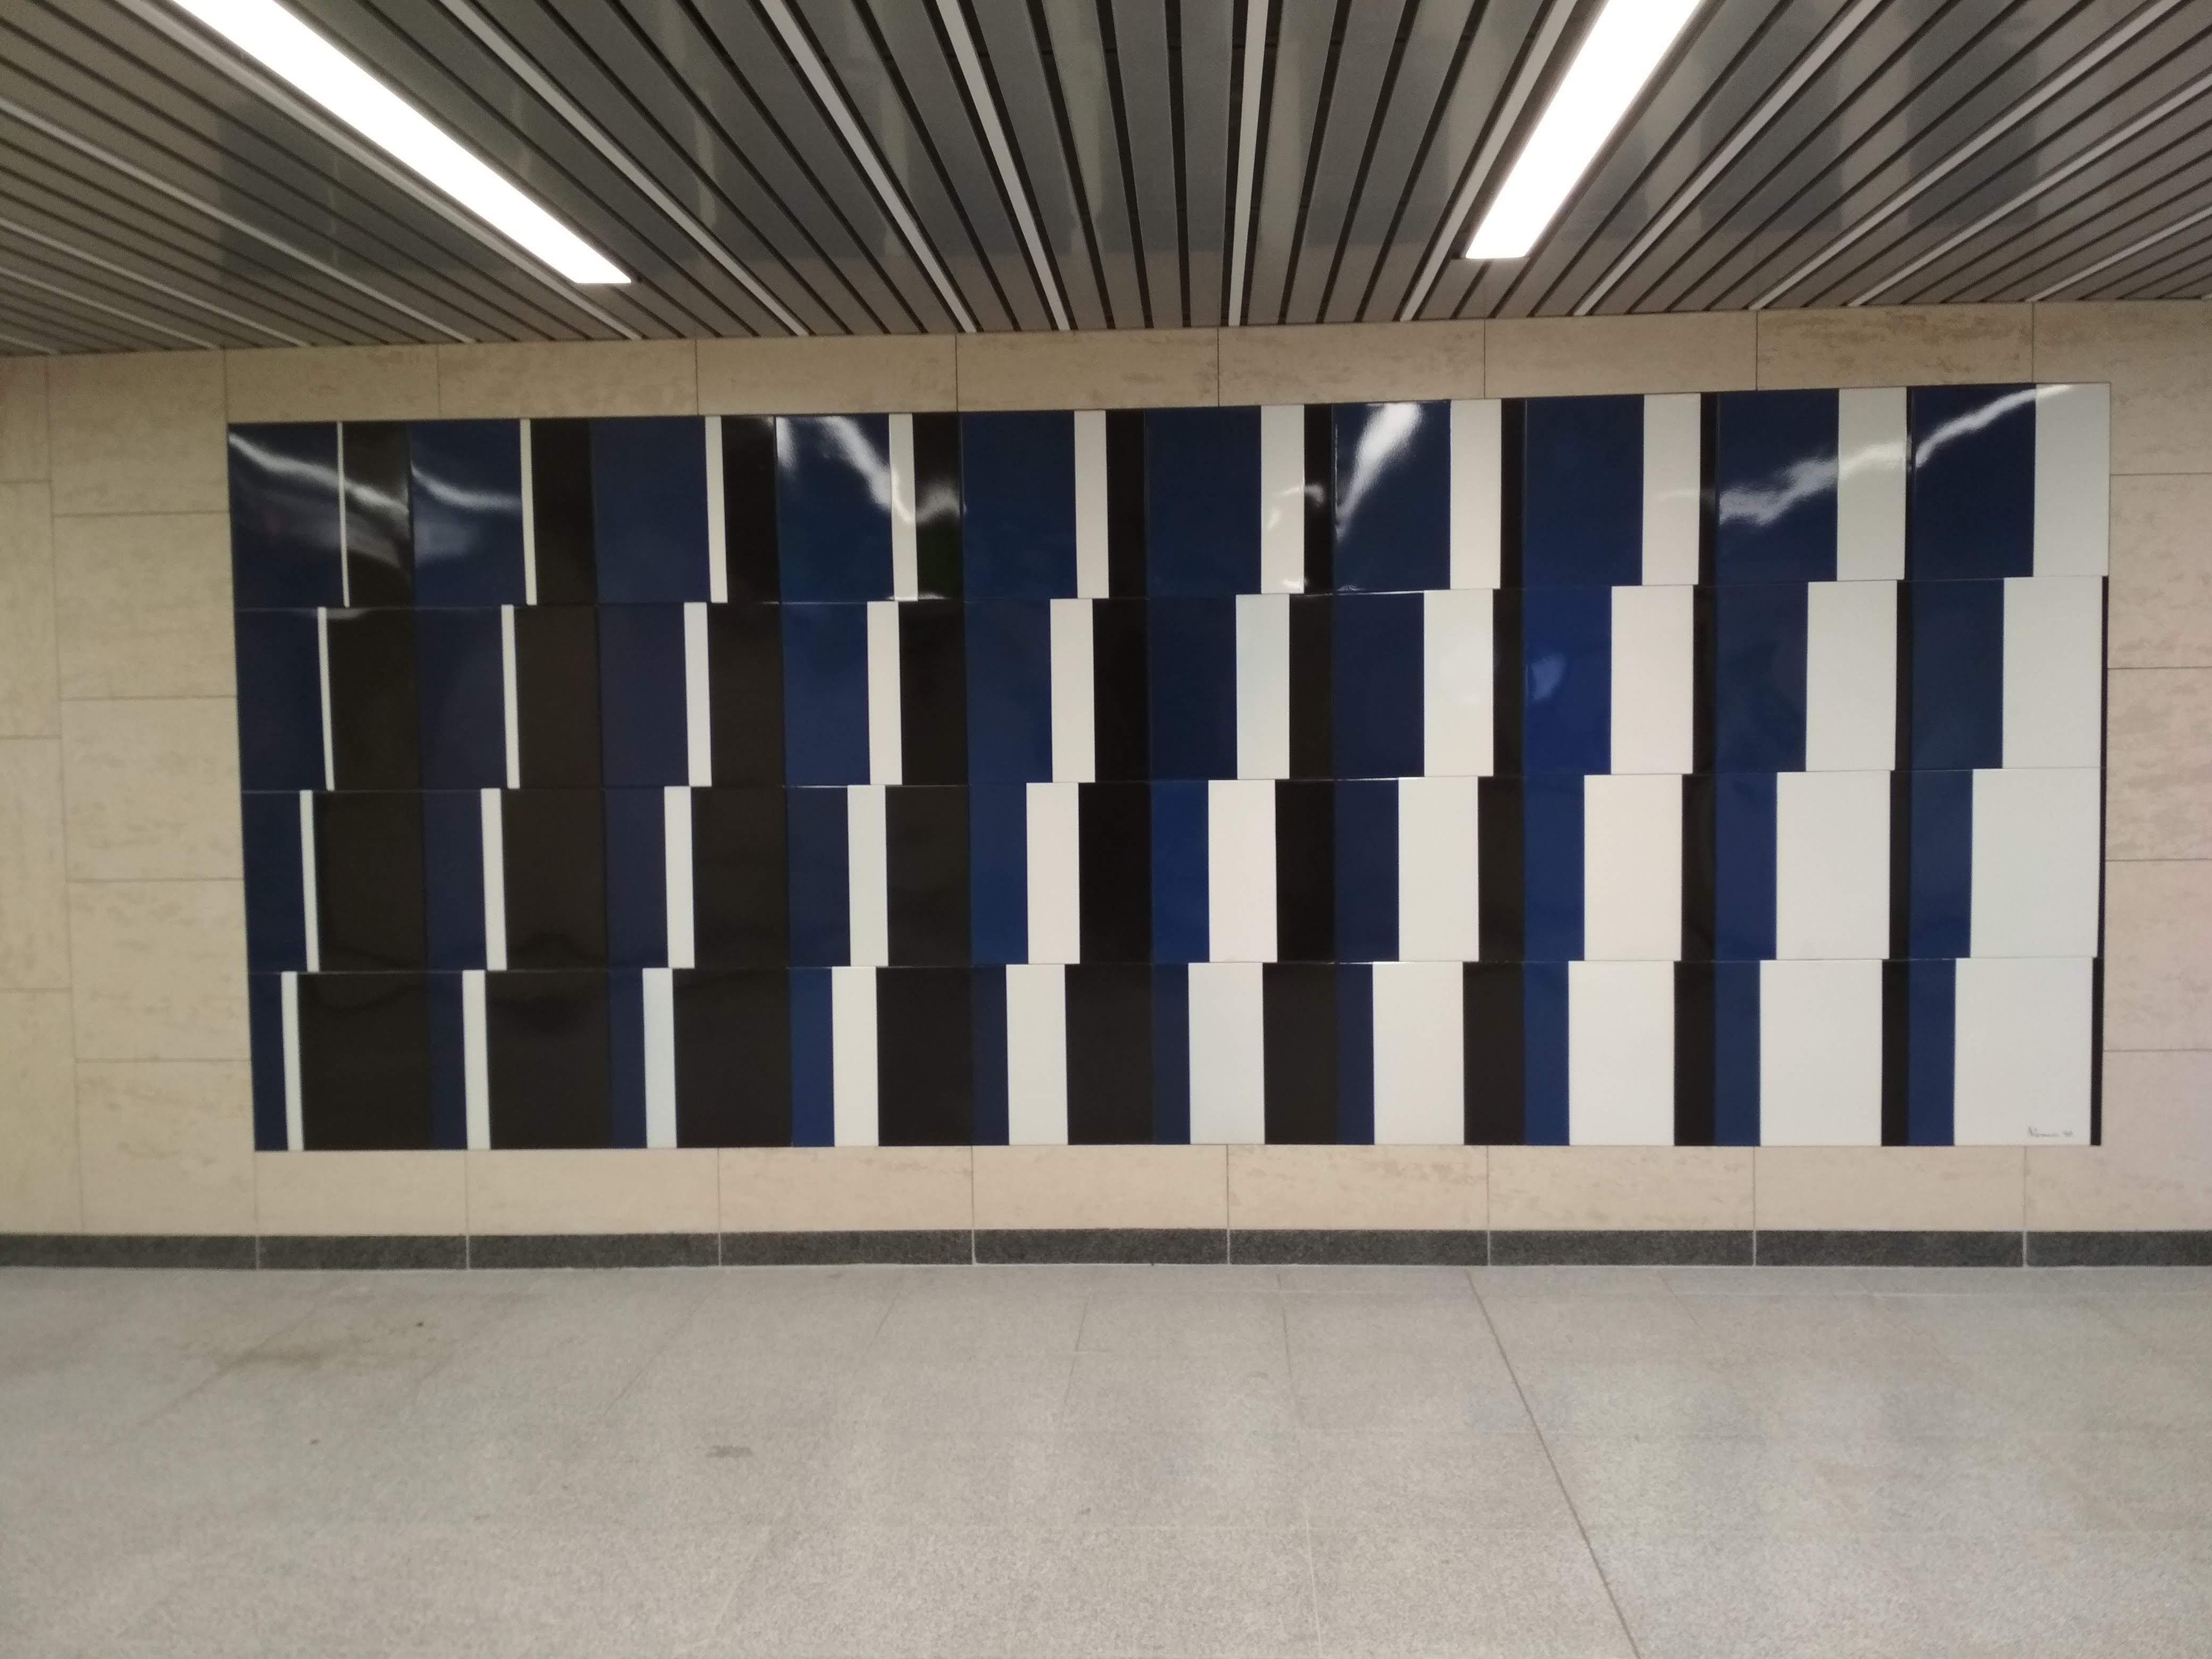 Nemcsics Antal Koloroid színtér című zománcképe.Nemcsics 1990-ben elkészítette a 3-as metróvonal színtervét, amelynek színei a felújításig a négy északi állomás arculatát határozták meg.